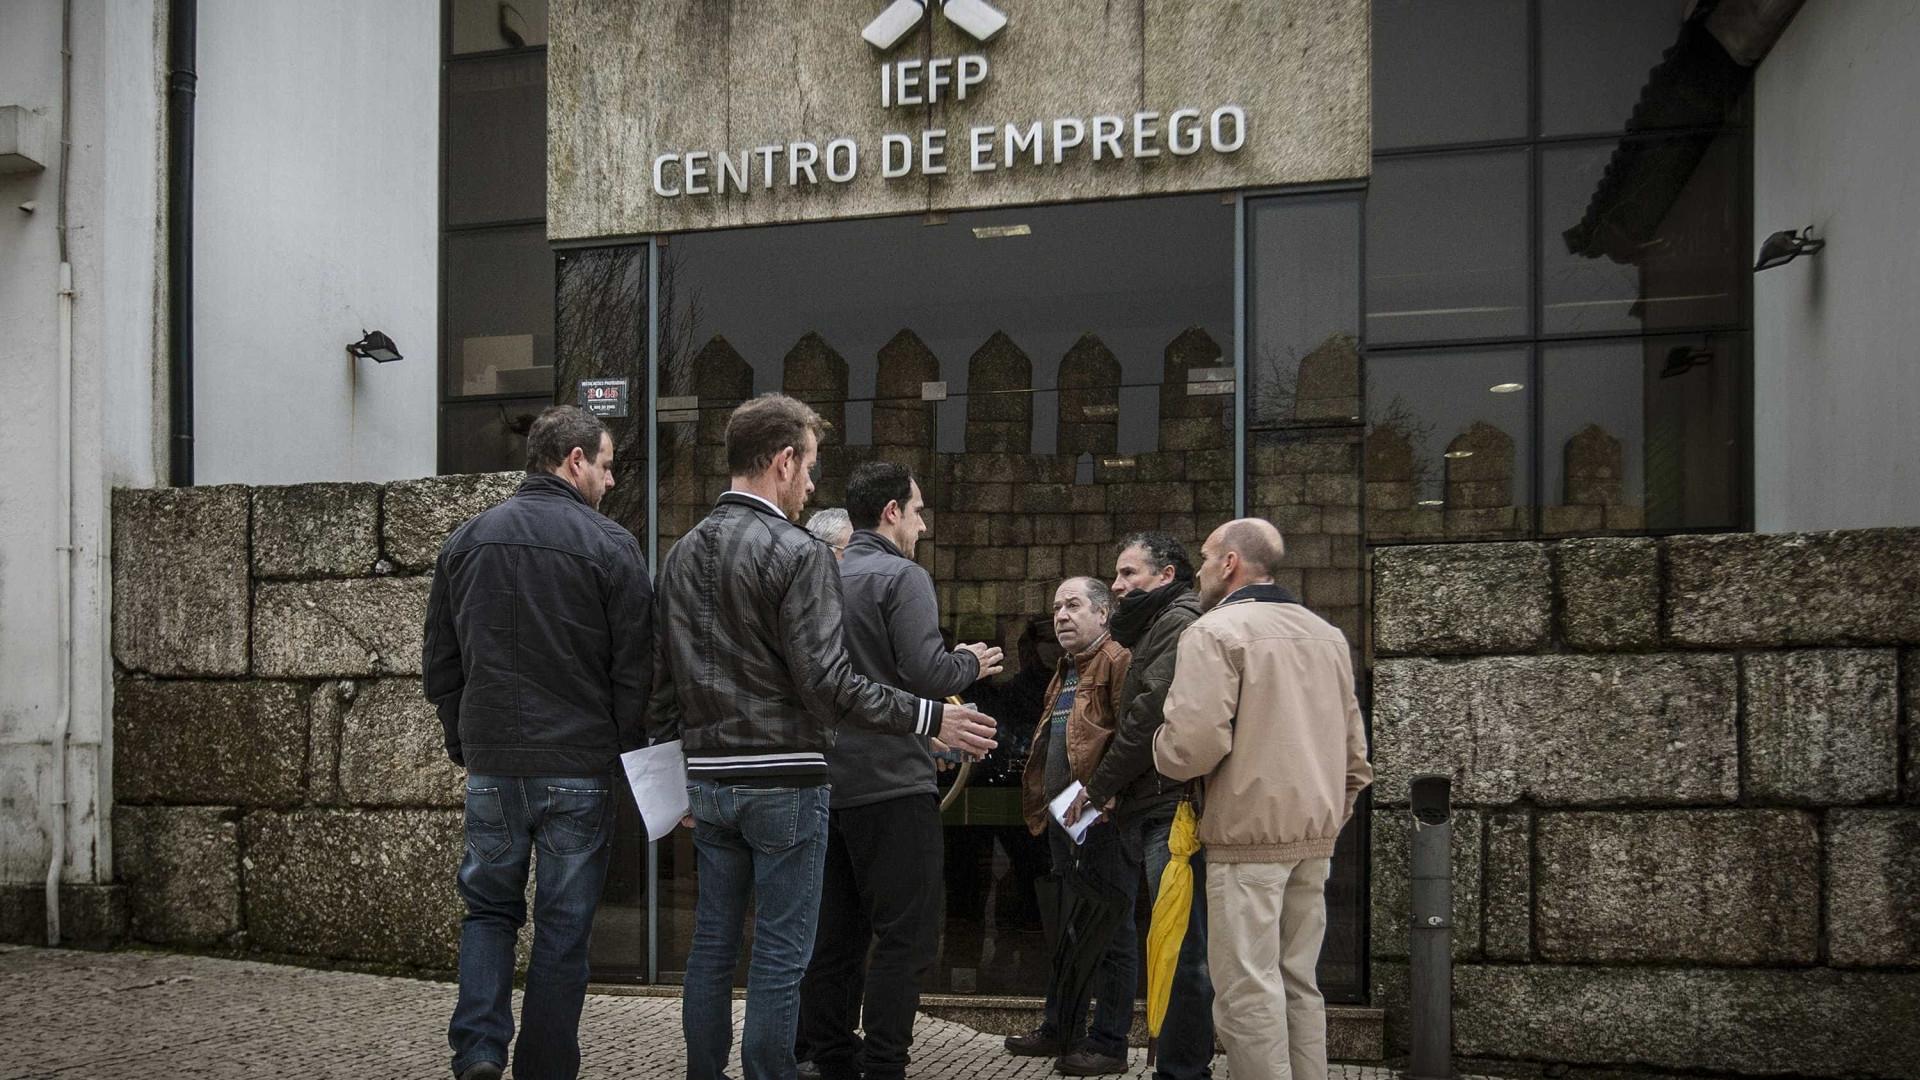 Candidaturas aos estágios profissionais do IEFP arrancam em fevereiro